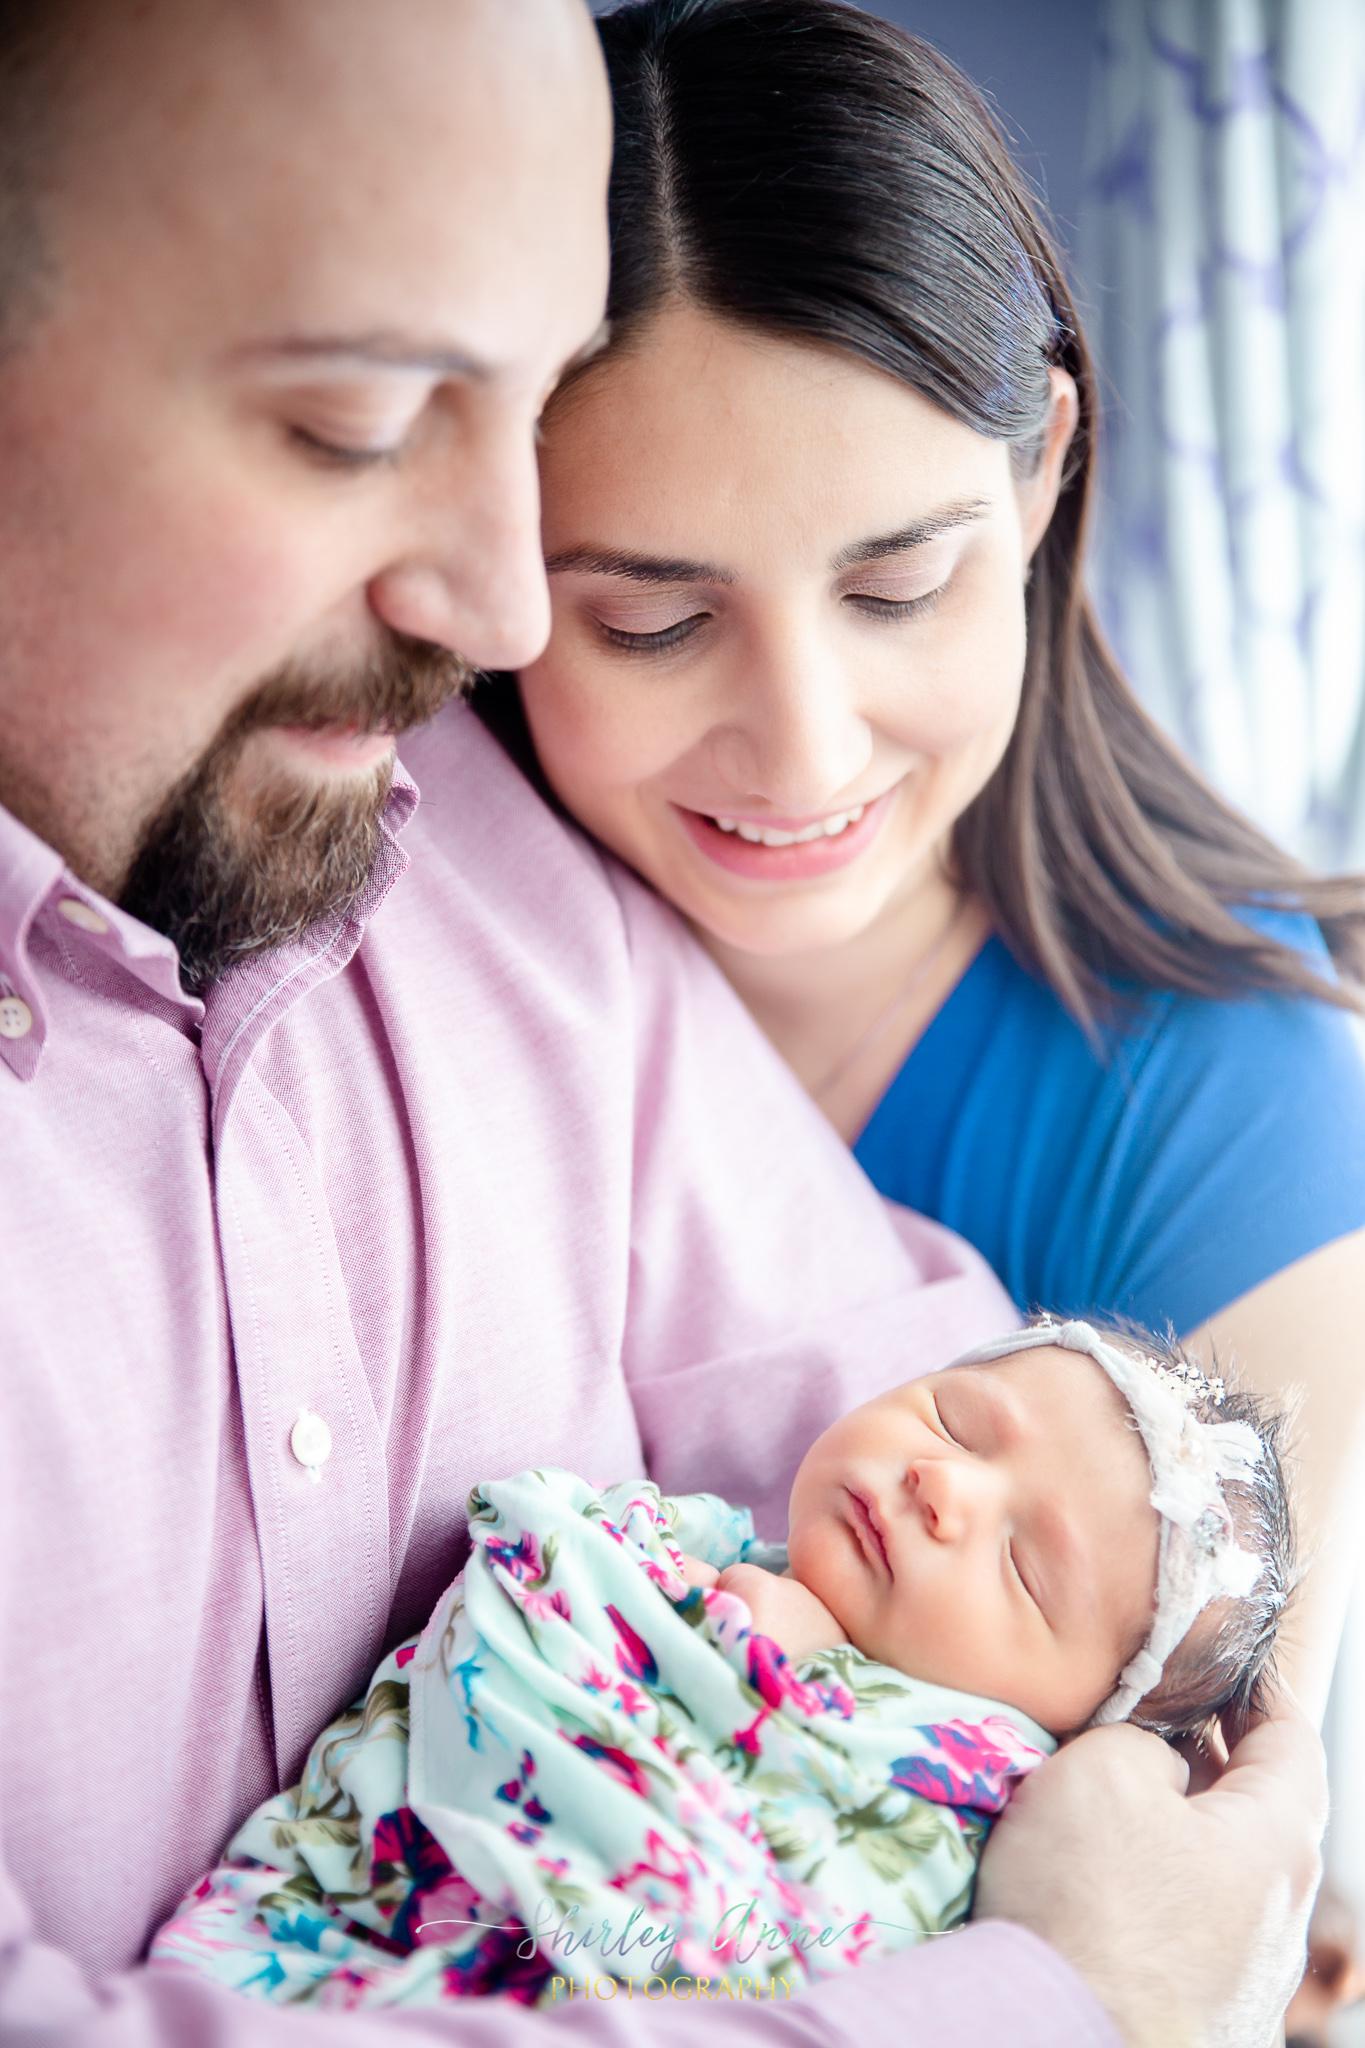 Balca-Newborn-Sneak Peek (1 of 1).jpg